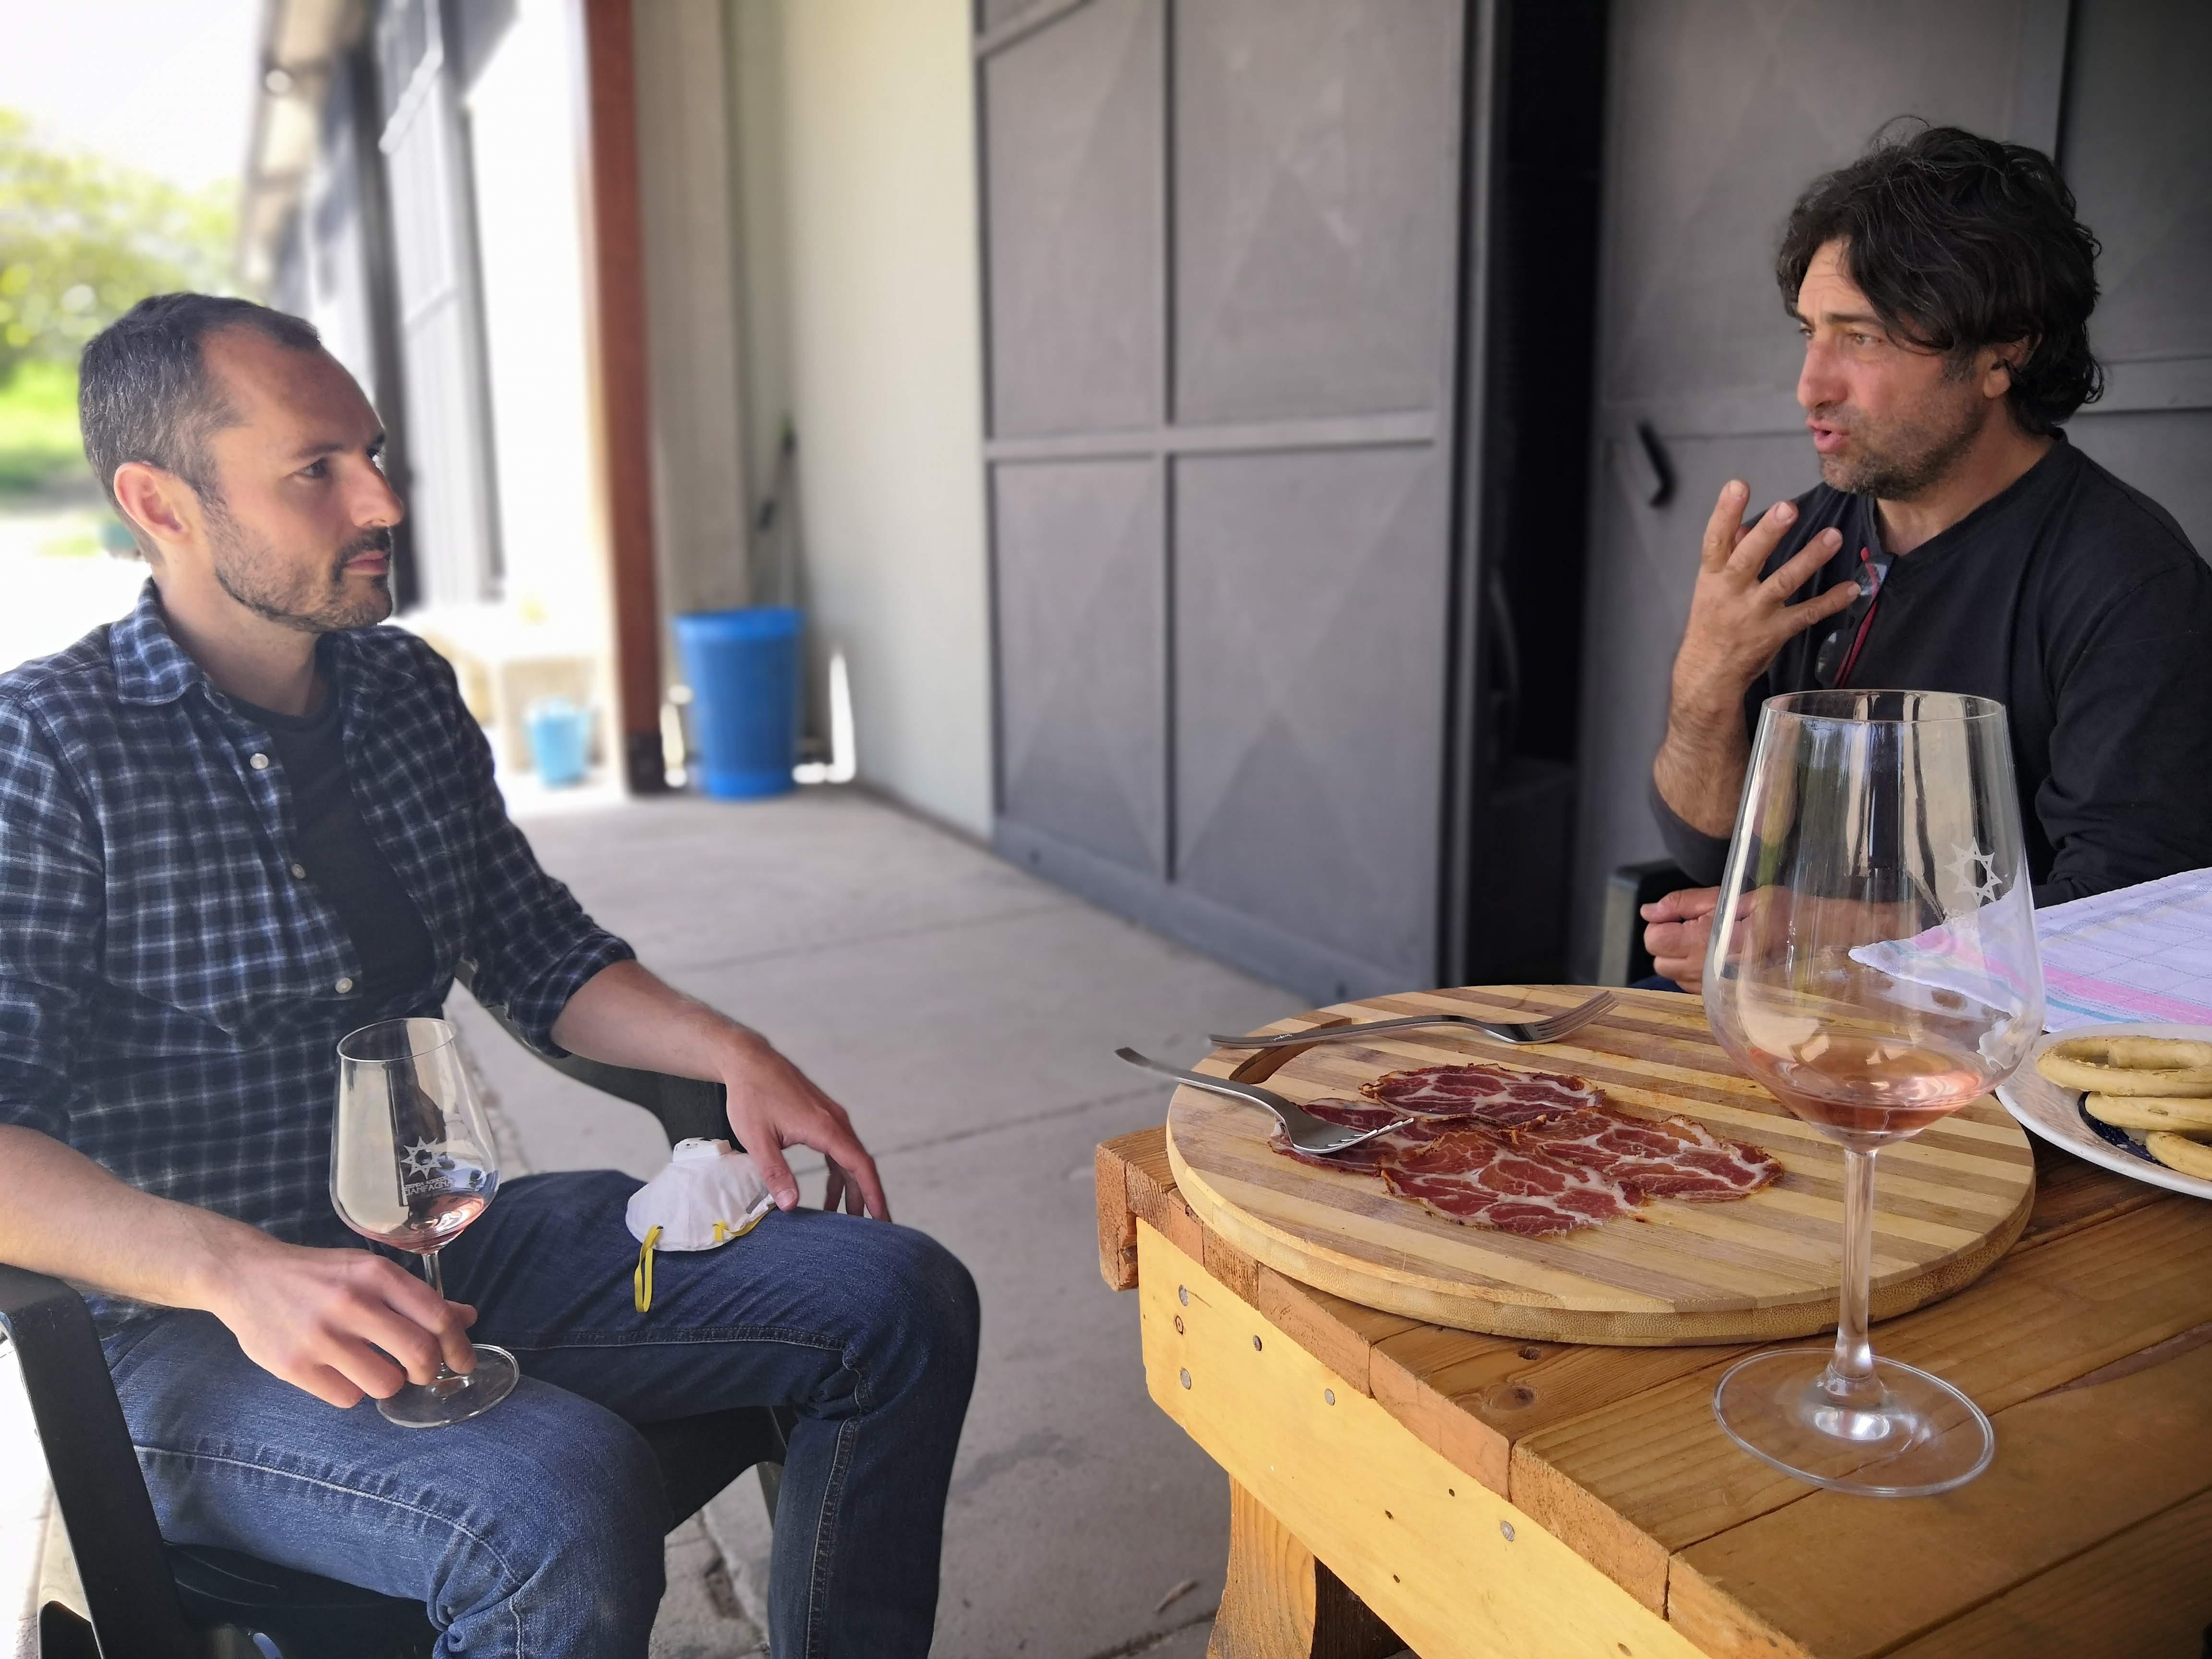 Cianfagna - Vincenzo & Scott